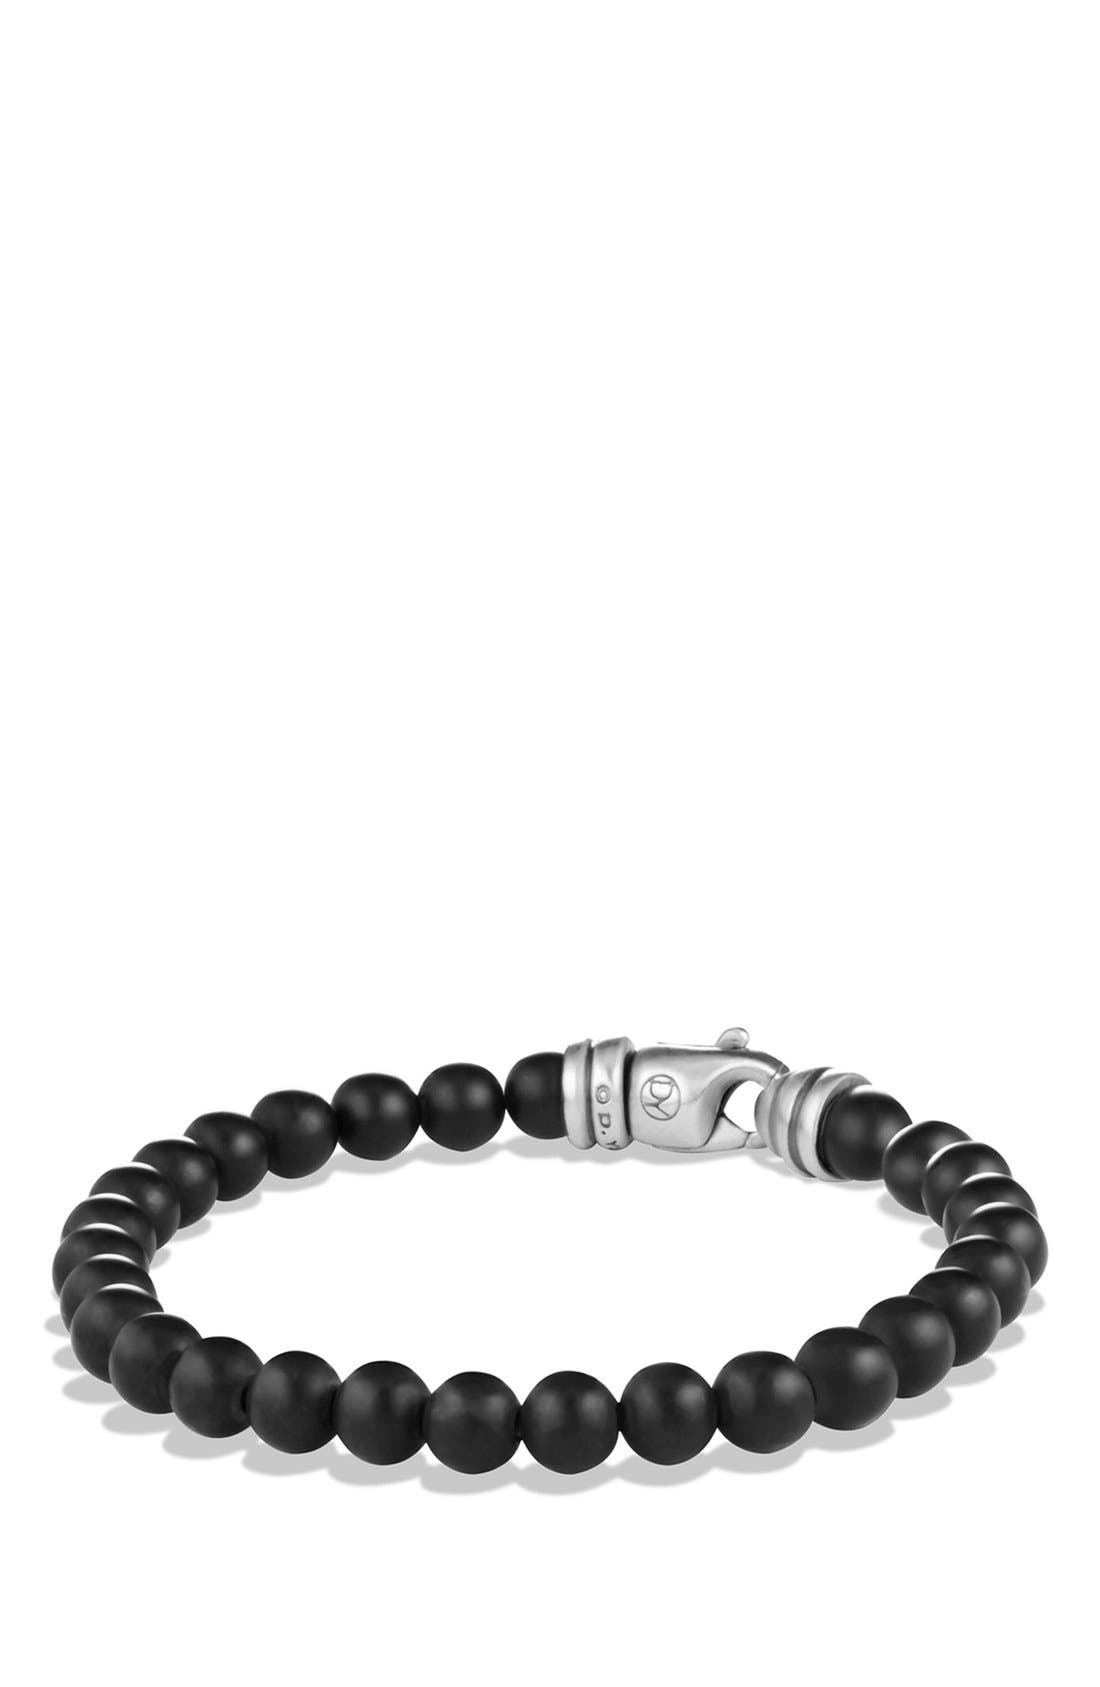 Main Image - David Yurman 'Spiritual Beads' Bracelet